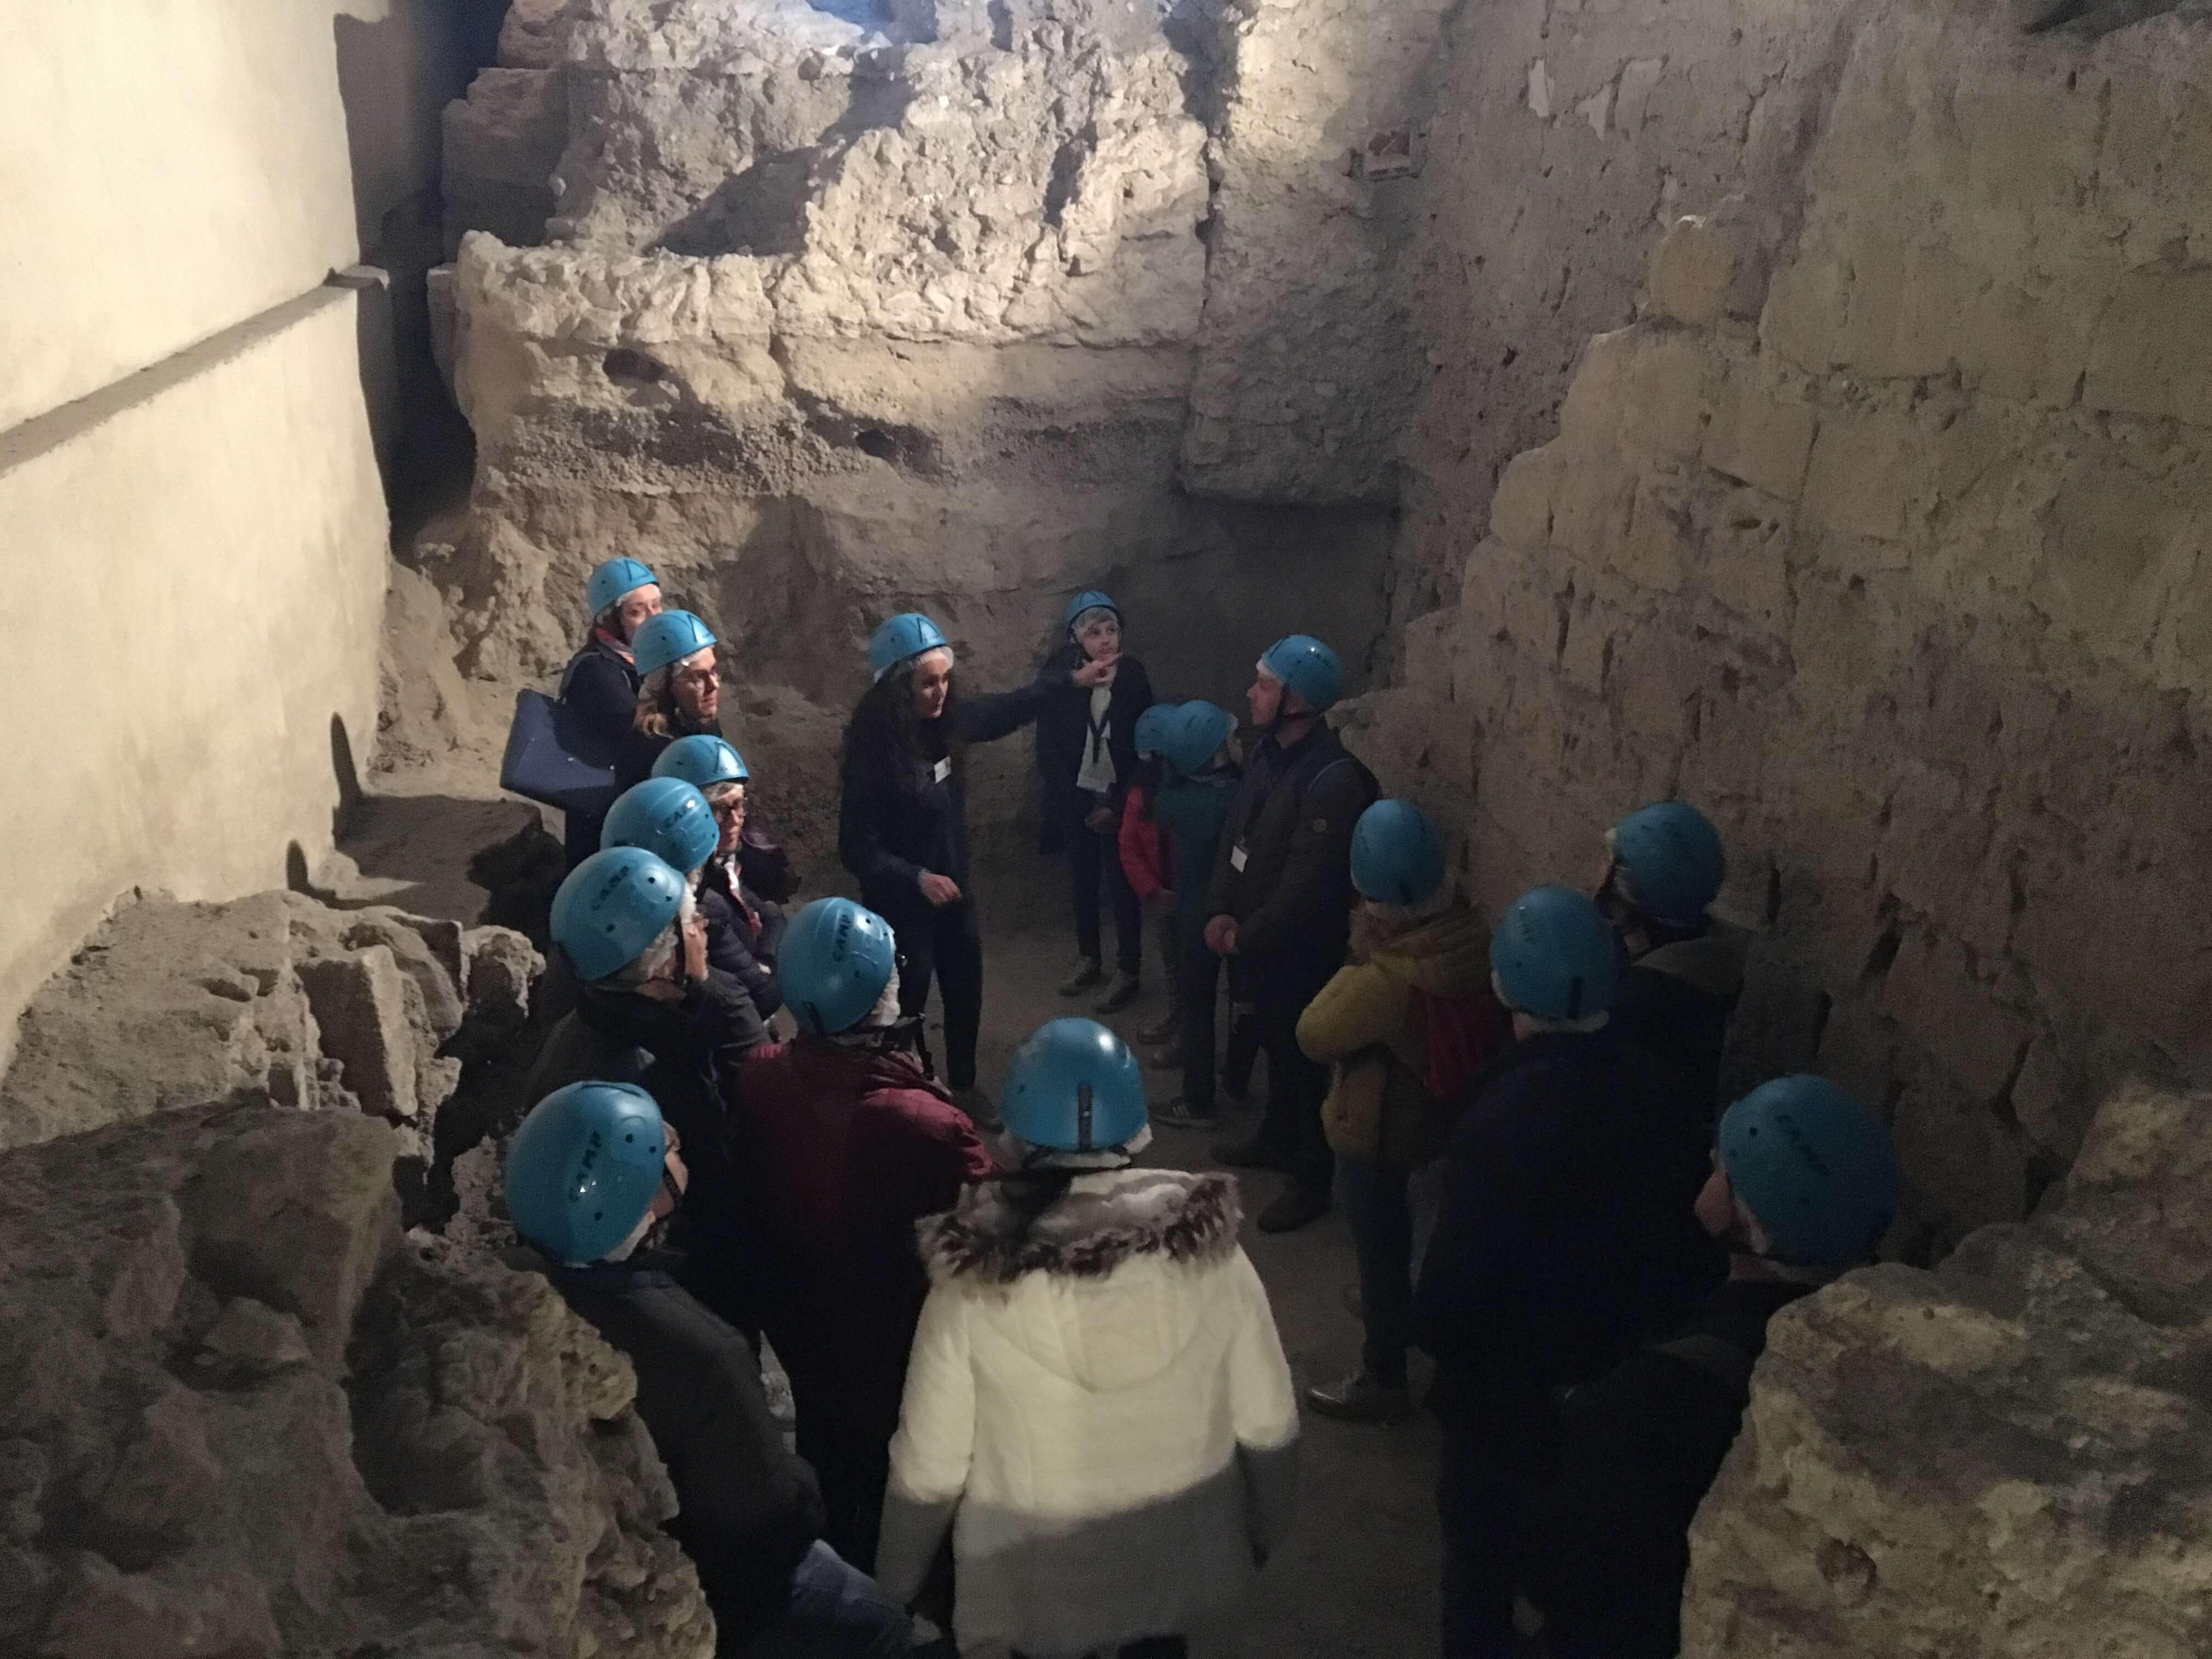 Alla scoperta dei luoghi inaccessibili della Campania con Timeline 2